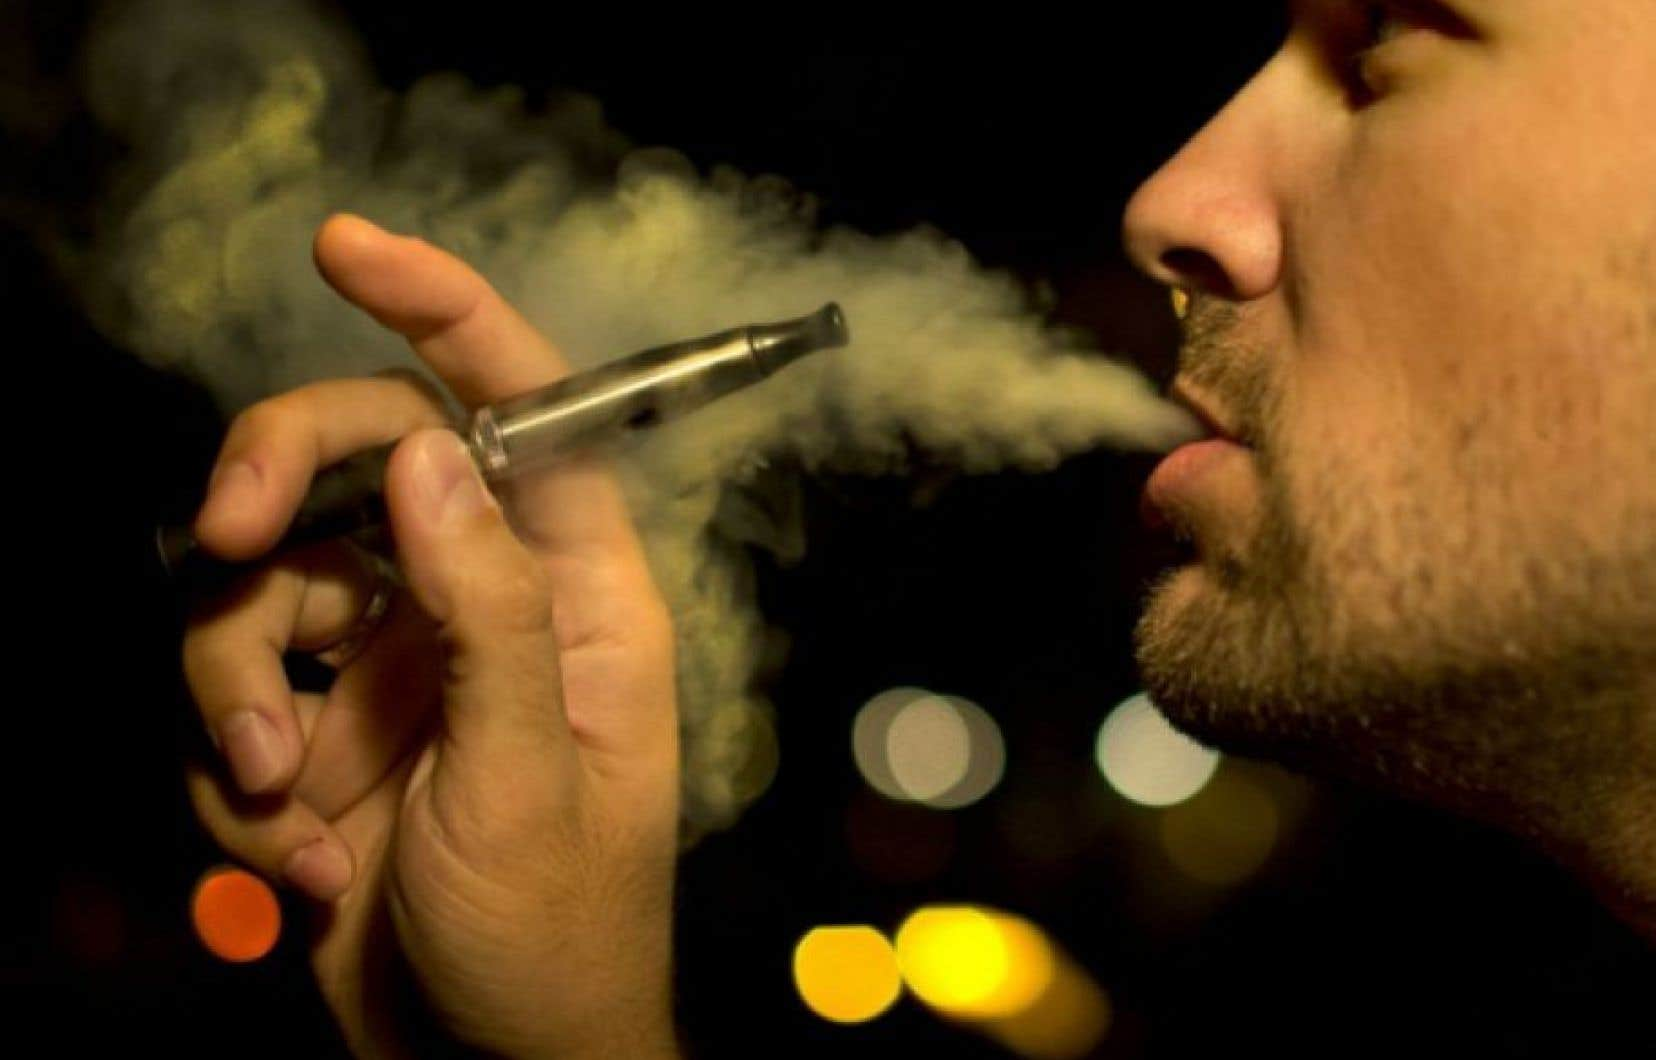 une tude d montre la nocivit de la cigarette lectronique pour la bouche le devoir. Black Bedroom Furniture Sets. Home Design Ideas